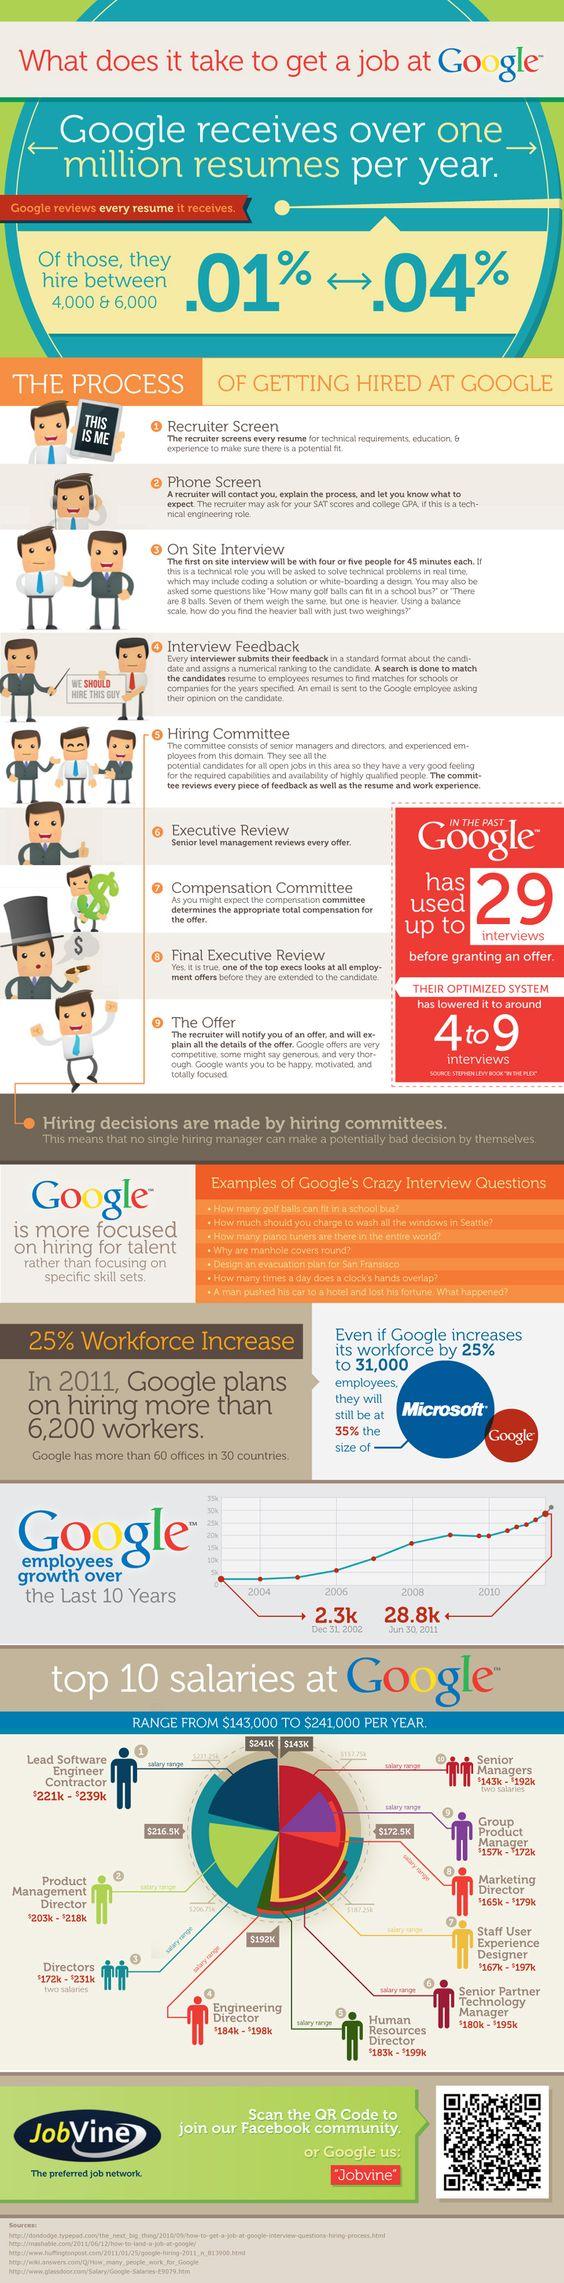 Work for Google